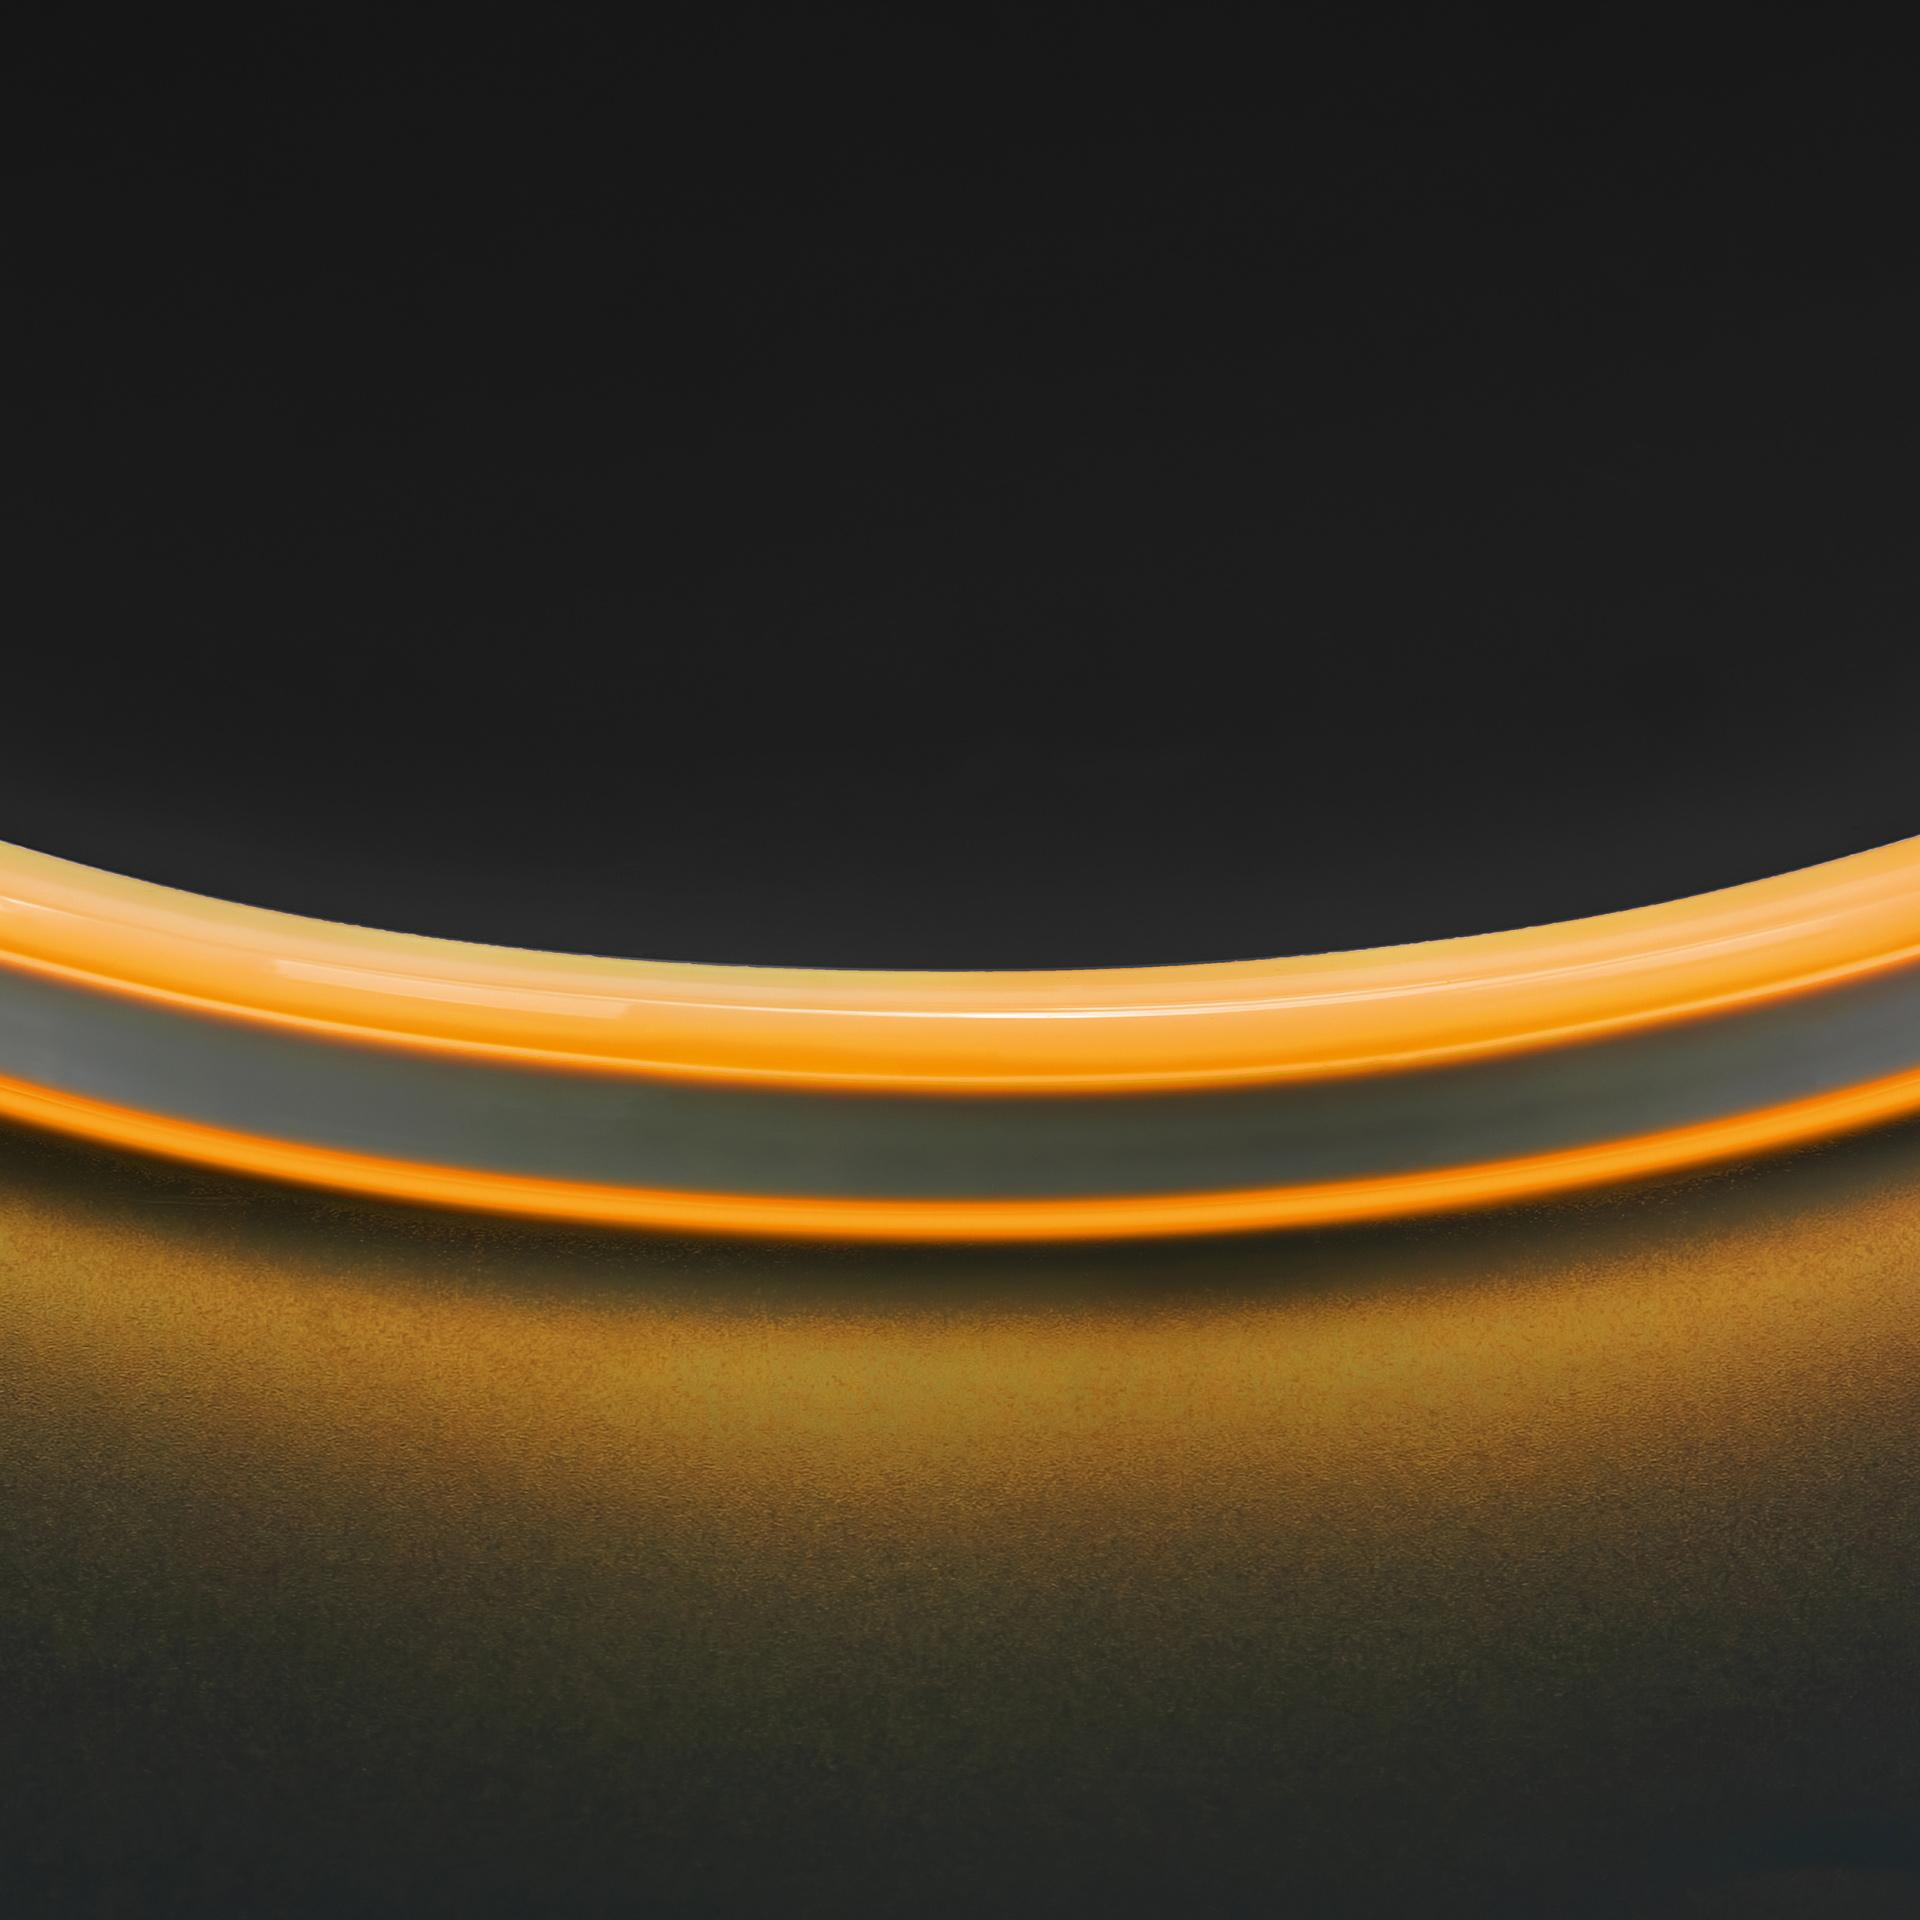 Лента гибкая неоновая NEOLED 220V 120 LED желтый цвет IP65 Lightstar 430106, купить в СПб, Москве, с доставкой, Санкт-Петербург, интернет-магазин люстр и светильников Starlight, фото в жизни